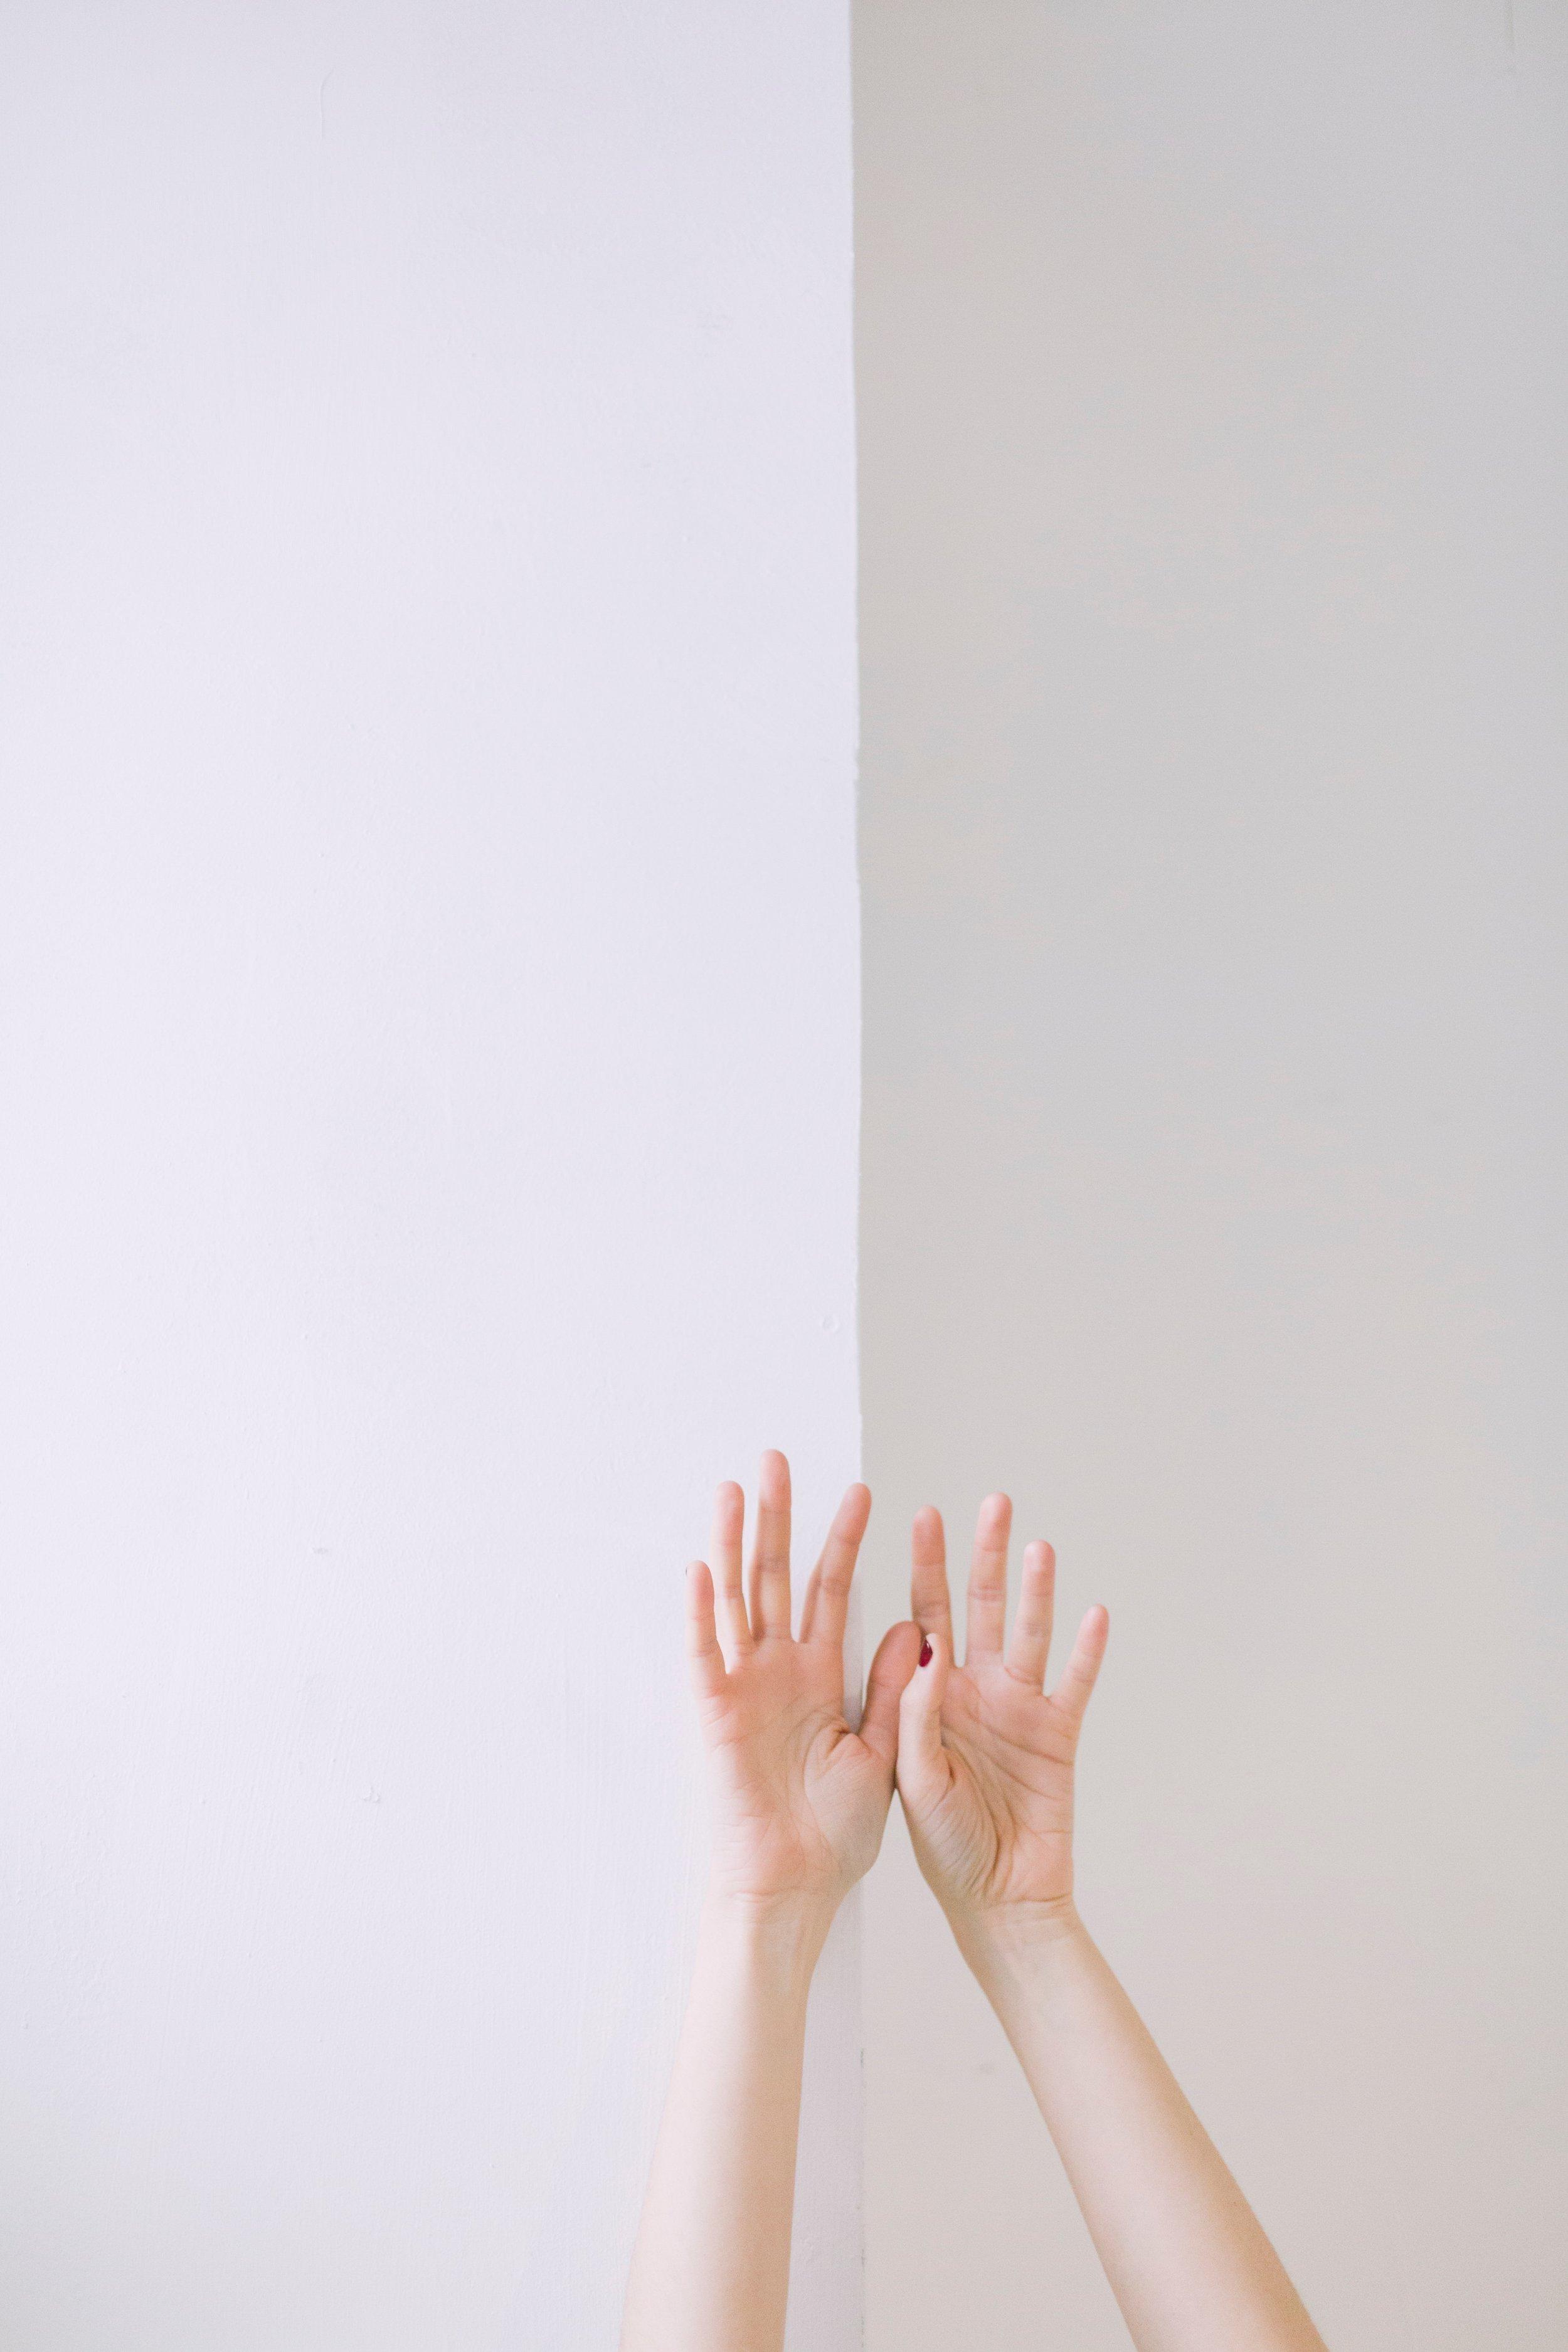 arm-girl-hands-709801.jpg